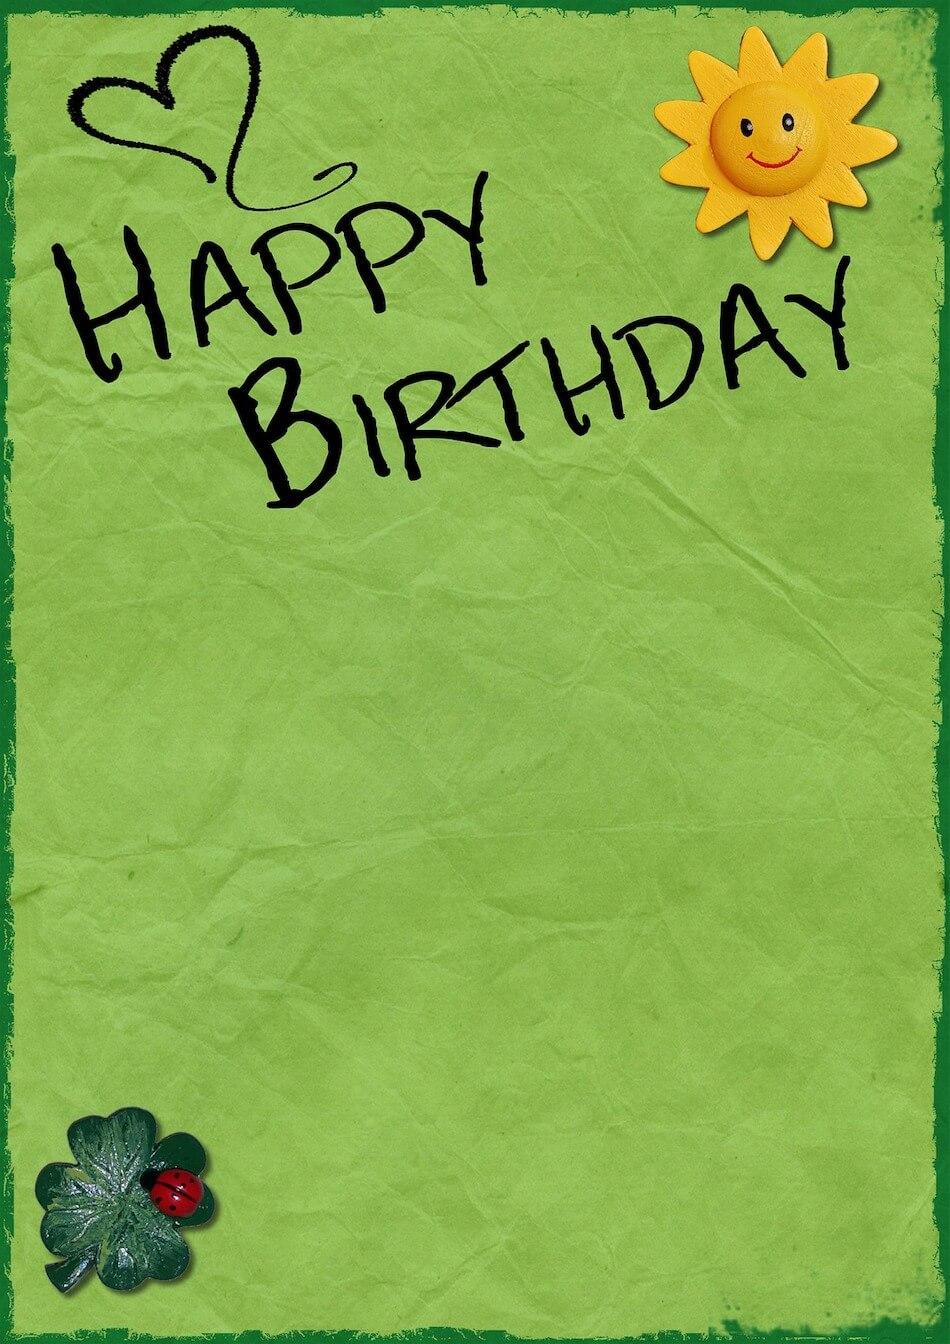 Alles Gute Zum Geburtstag Beliebte Glückwünsche Zum Geburtstag